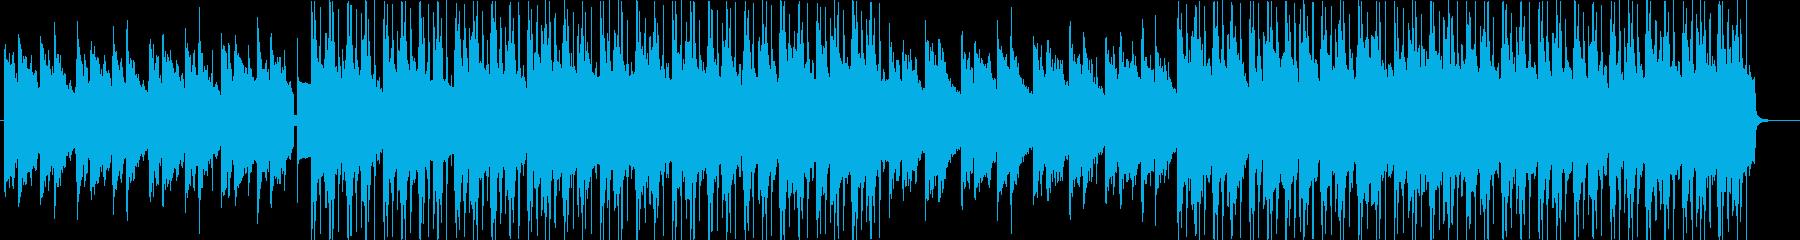 ダークでおしゃれなジャズの再生済みの波形